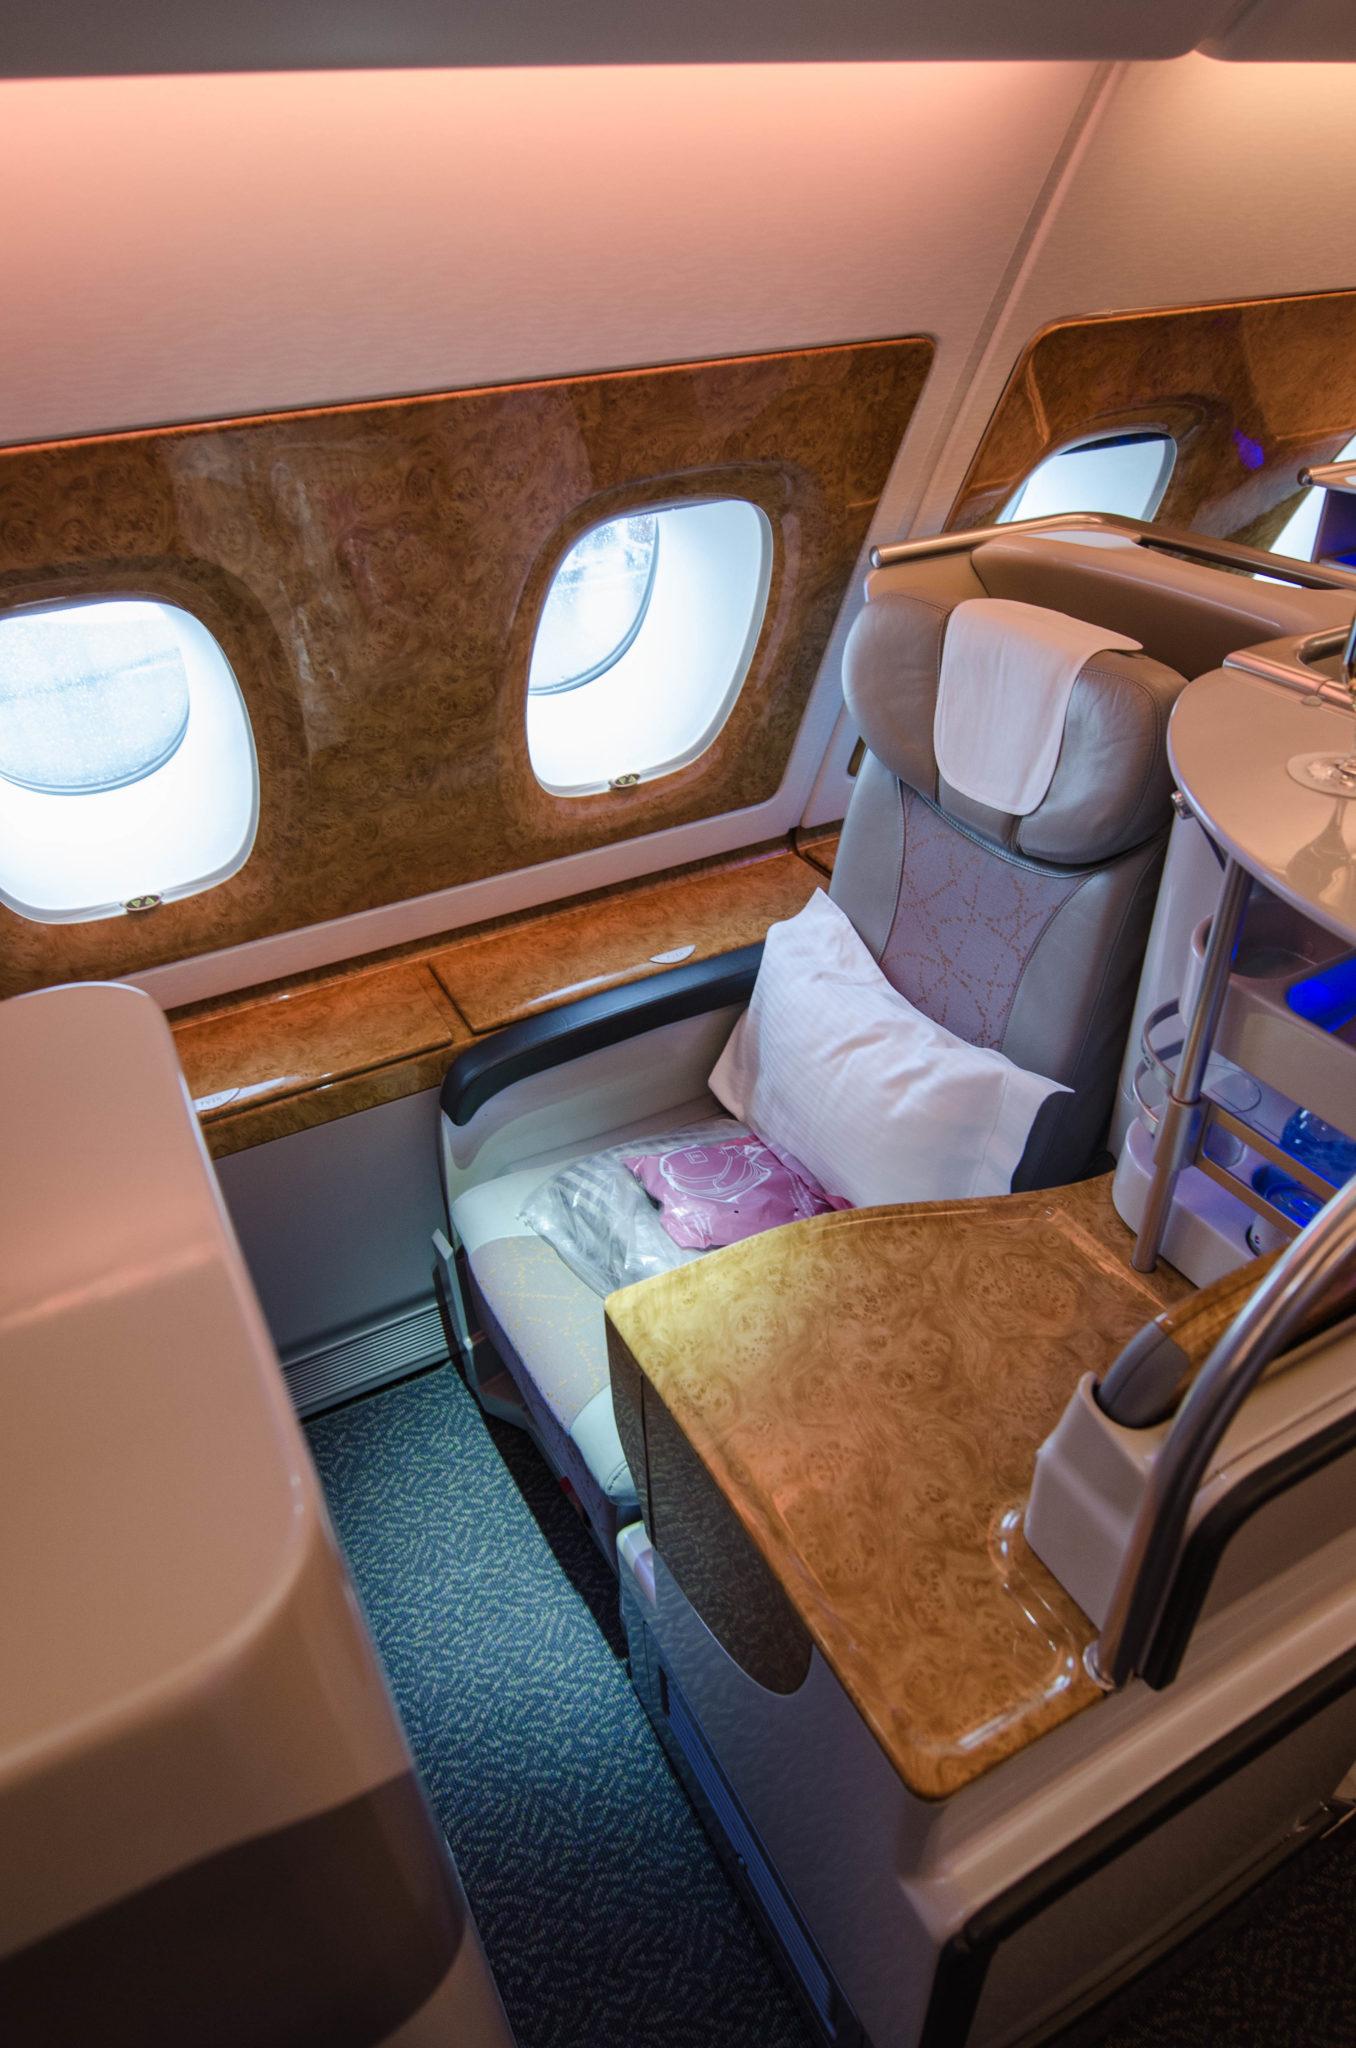 Emirates Business Class A380: Wo der beste Sitzplatz ist? Das liegt im Auge des Betrachters.